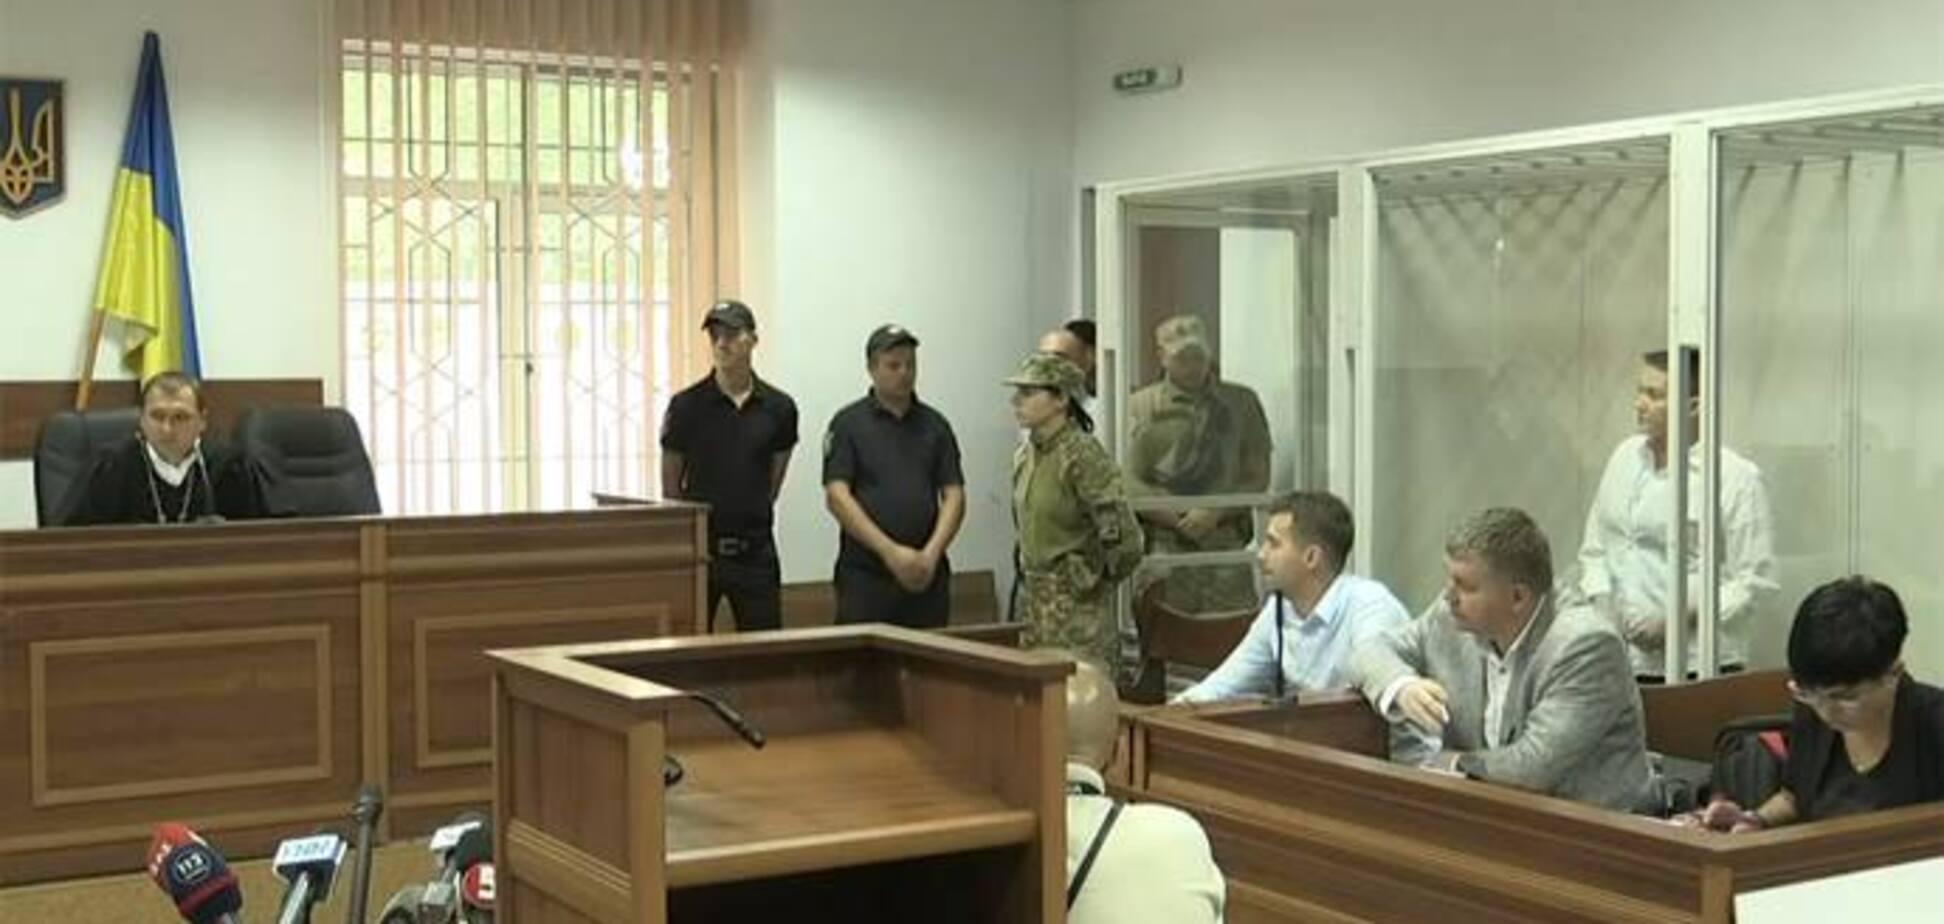 Домашний арест для Савченко: суд принял решение